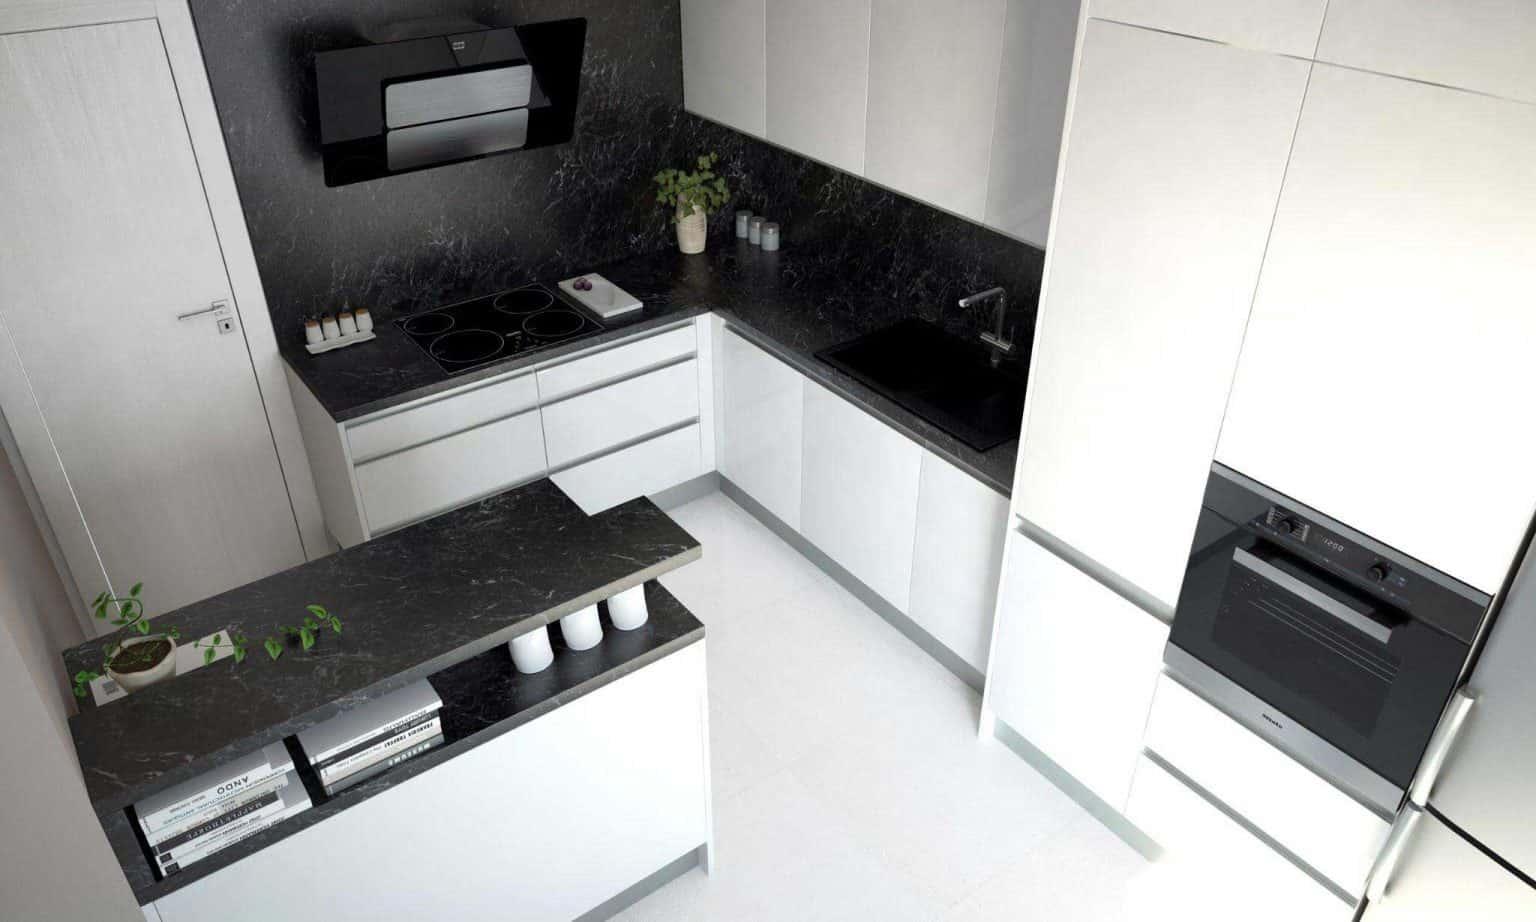 Elegantná kuchyňa s ostrovčekom a nenápadný čierny digestor. Zdroj: iKuchyne.sk